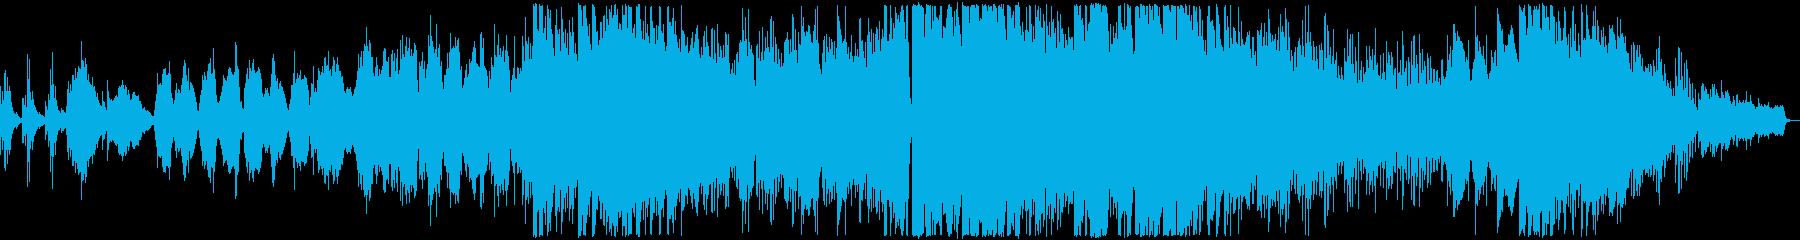 ピアノが印象的な寂しい雰囲気のバラード3の再生済みの波形